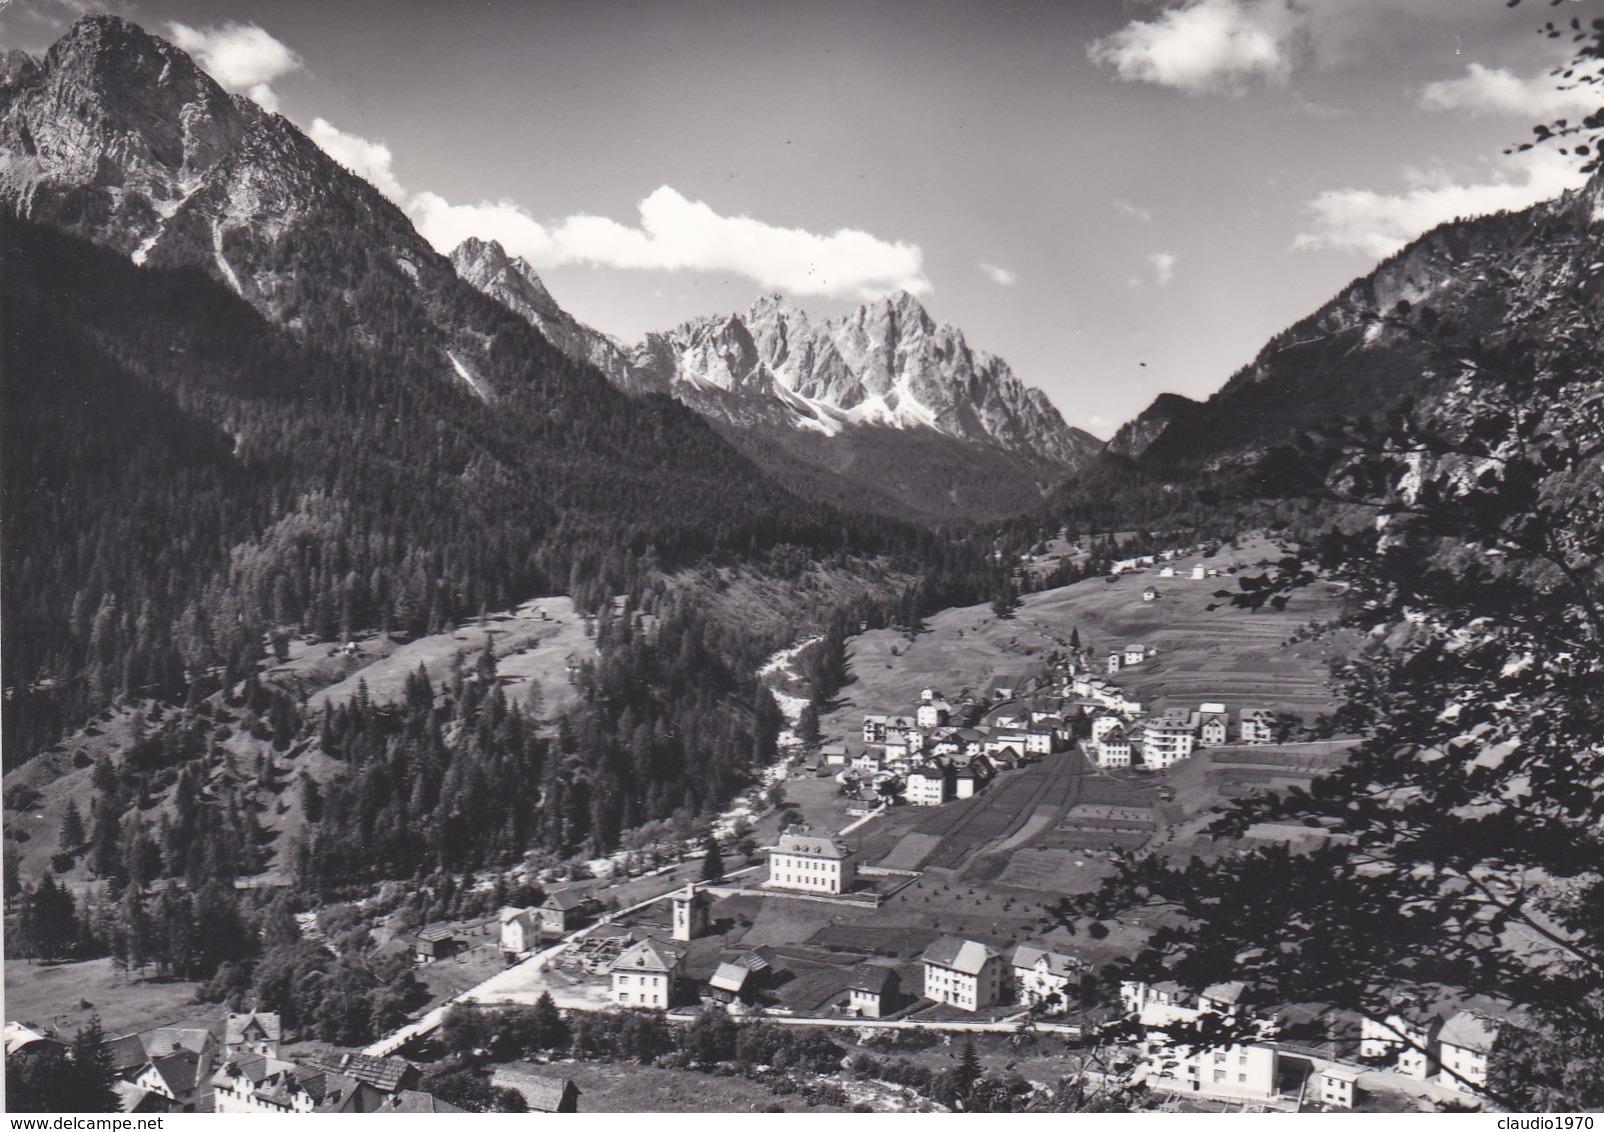 CARTOLINA - UDINE - CARNIA - FORNI AVOLTRI (M. 900) CON I MONTI TUGLIA E SIERA -VIAGGIATA DA PER VILMINORE (BERGAMO) - Udine